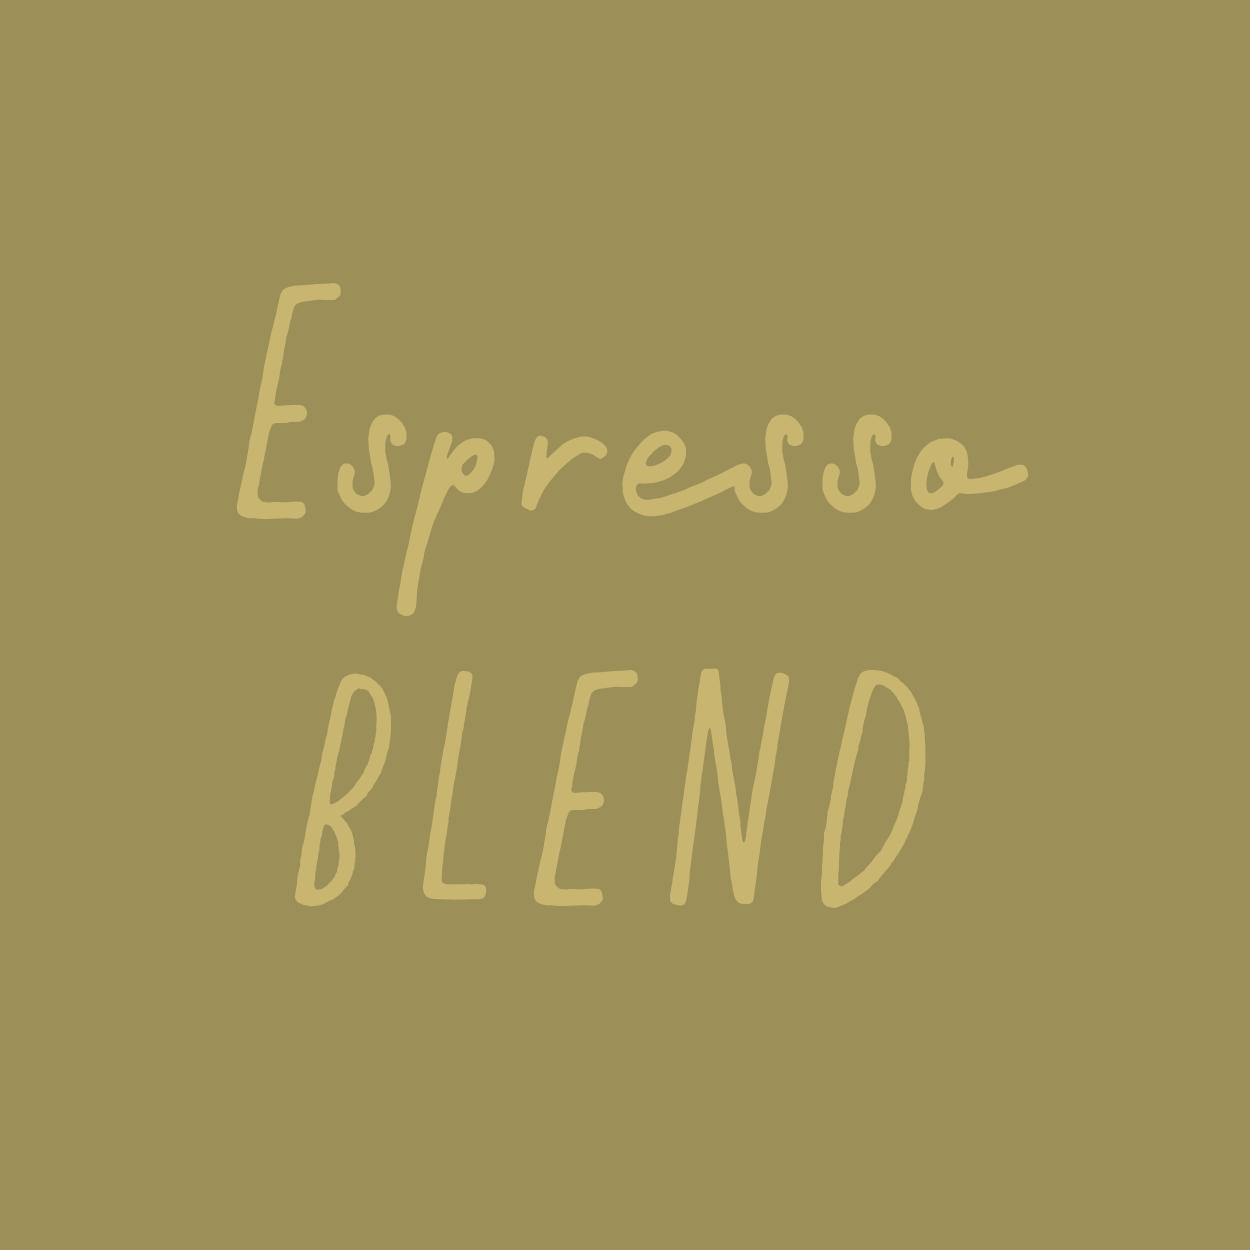 espresso02-01.png